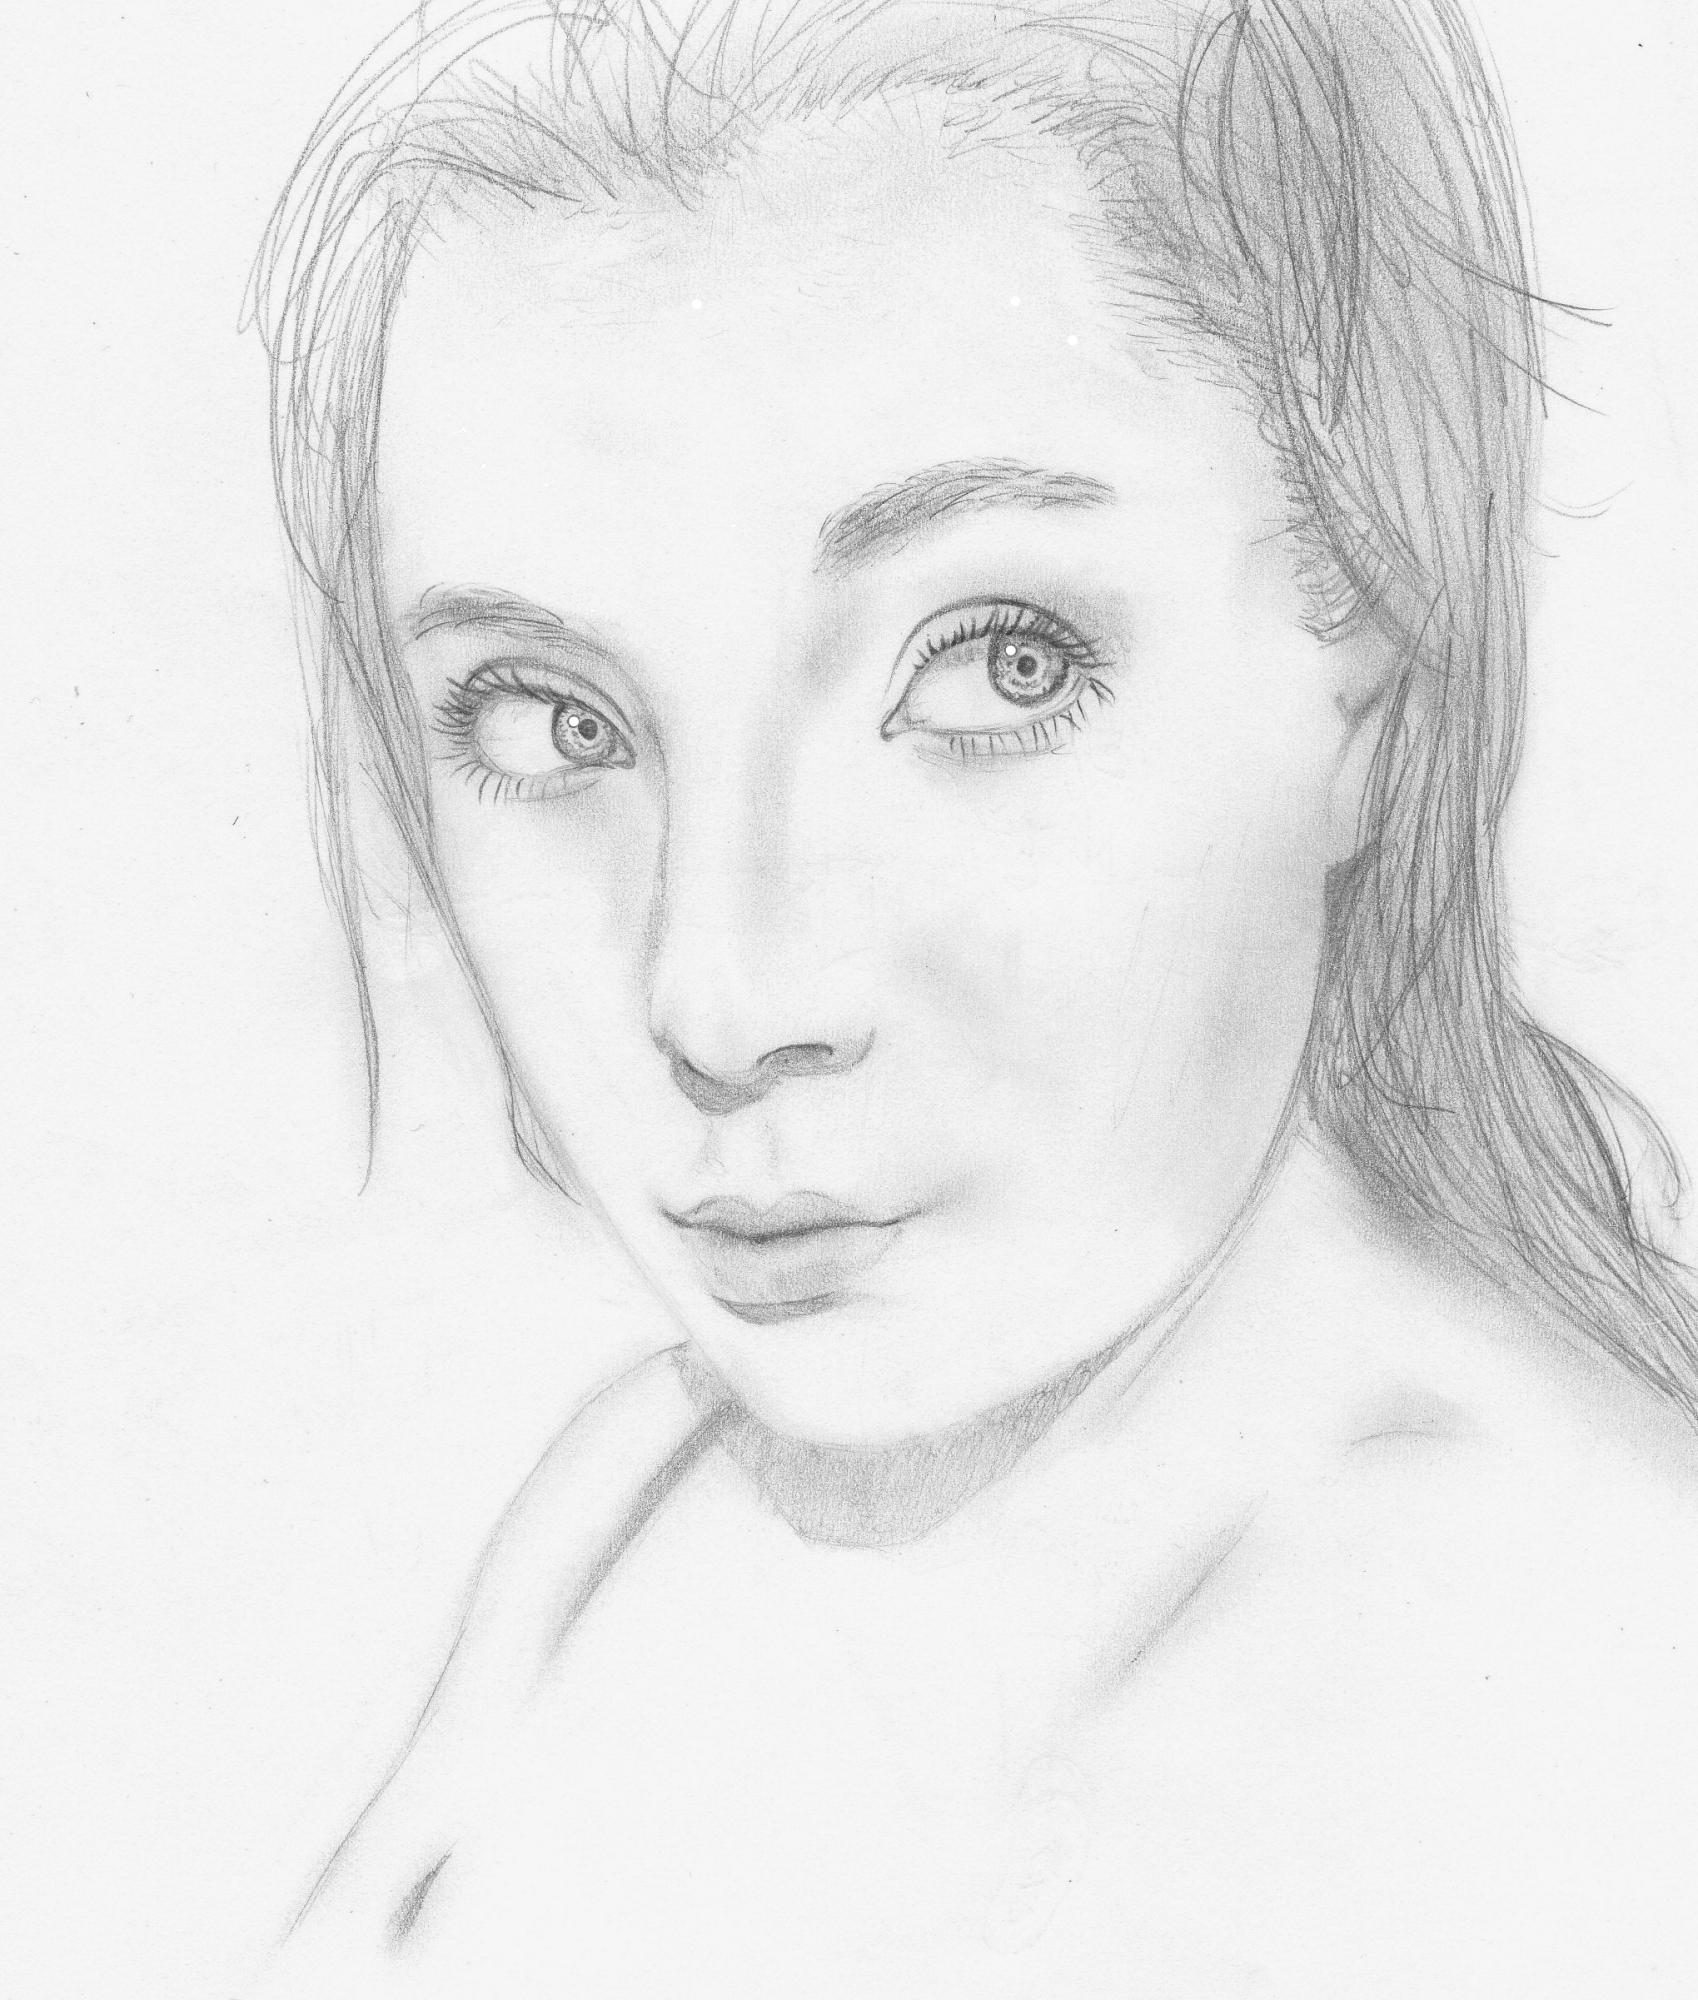 Dibujo a lápiz